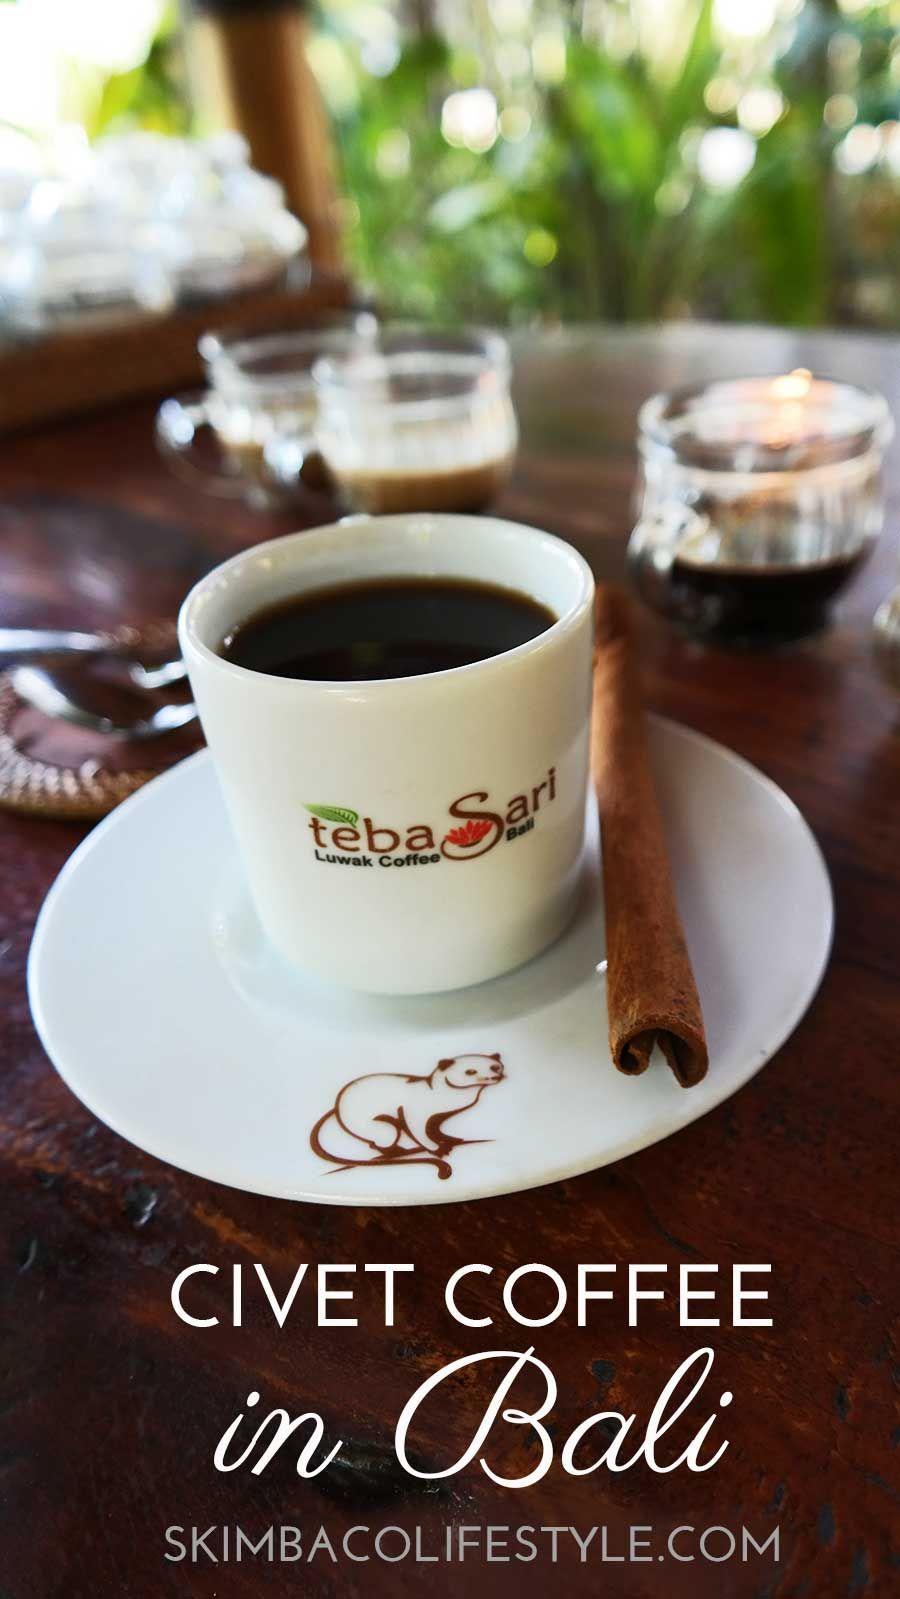 Civet Coffee Tasting & Visiting Teba Sari Farm in Bali